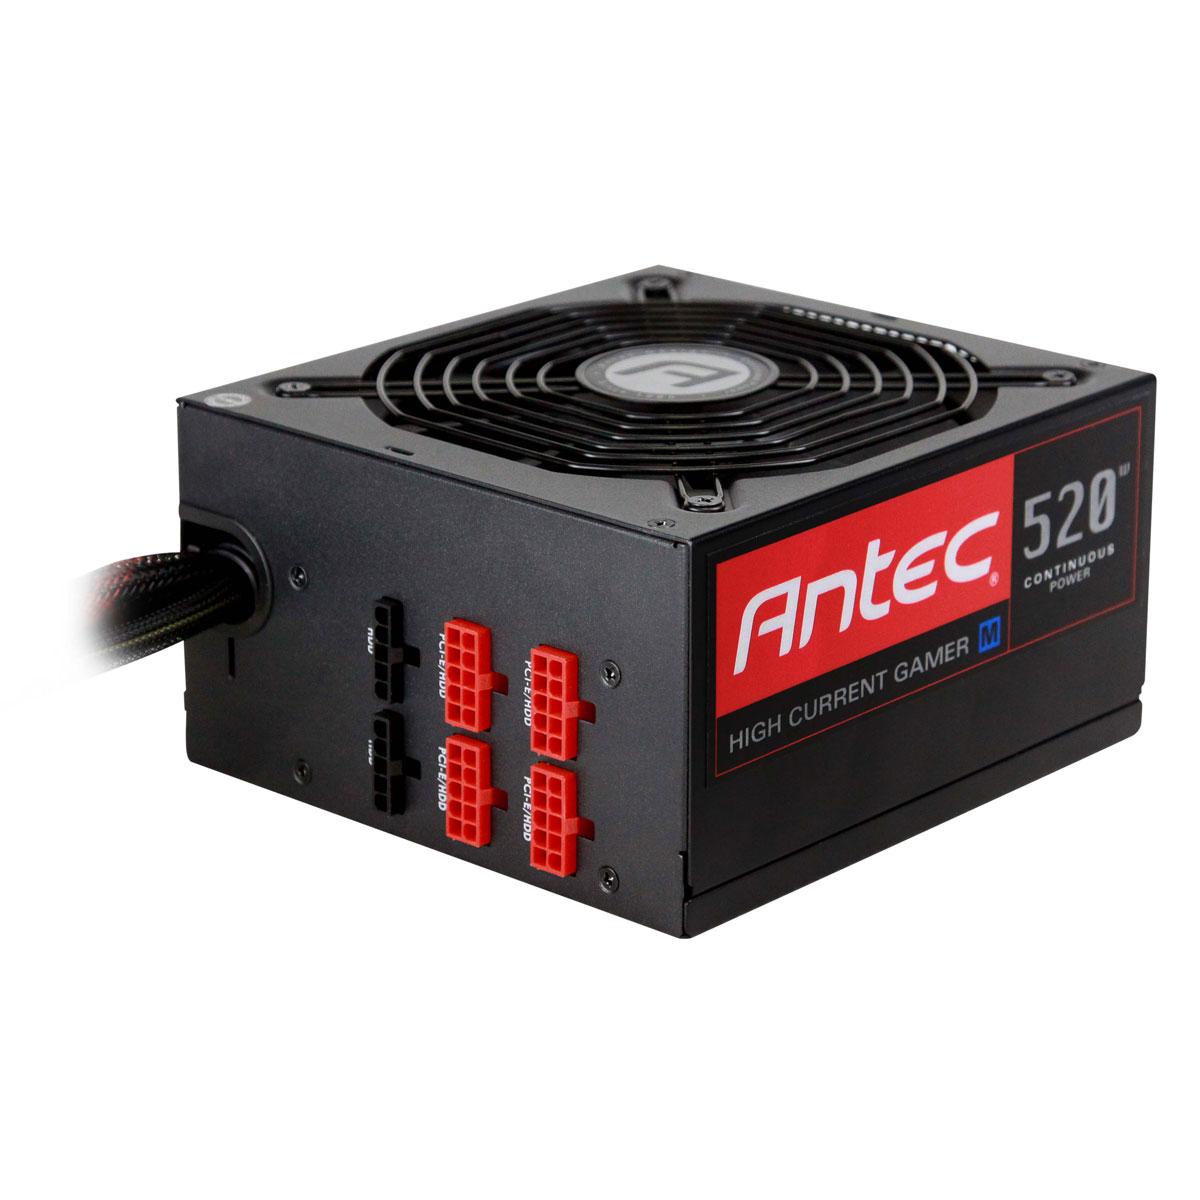 Alimentation PC Antec High Current Gamer 520M 80PLUS Bronze Alimentation modulaire 520 Watts ATX12V 2.3 80 PLUS Bronze (garantie 5 ans par Antec)